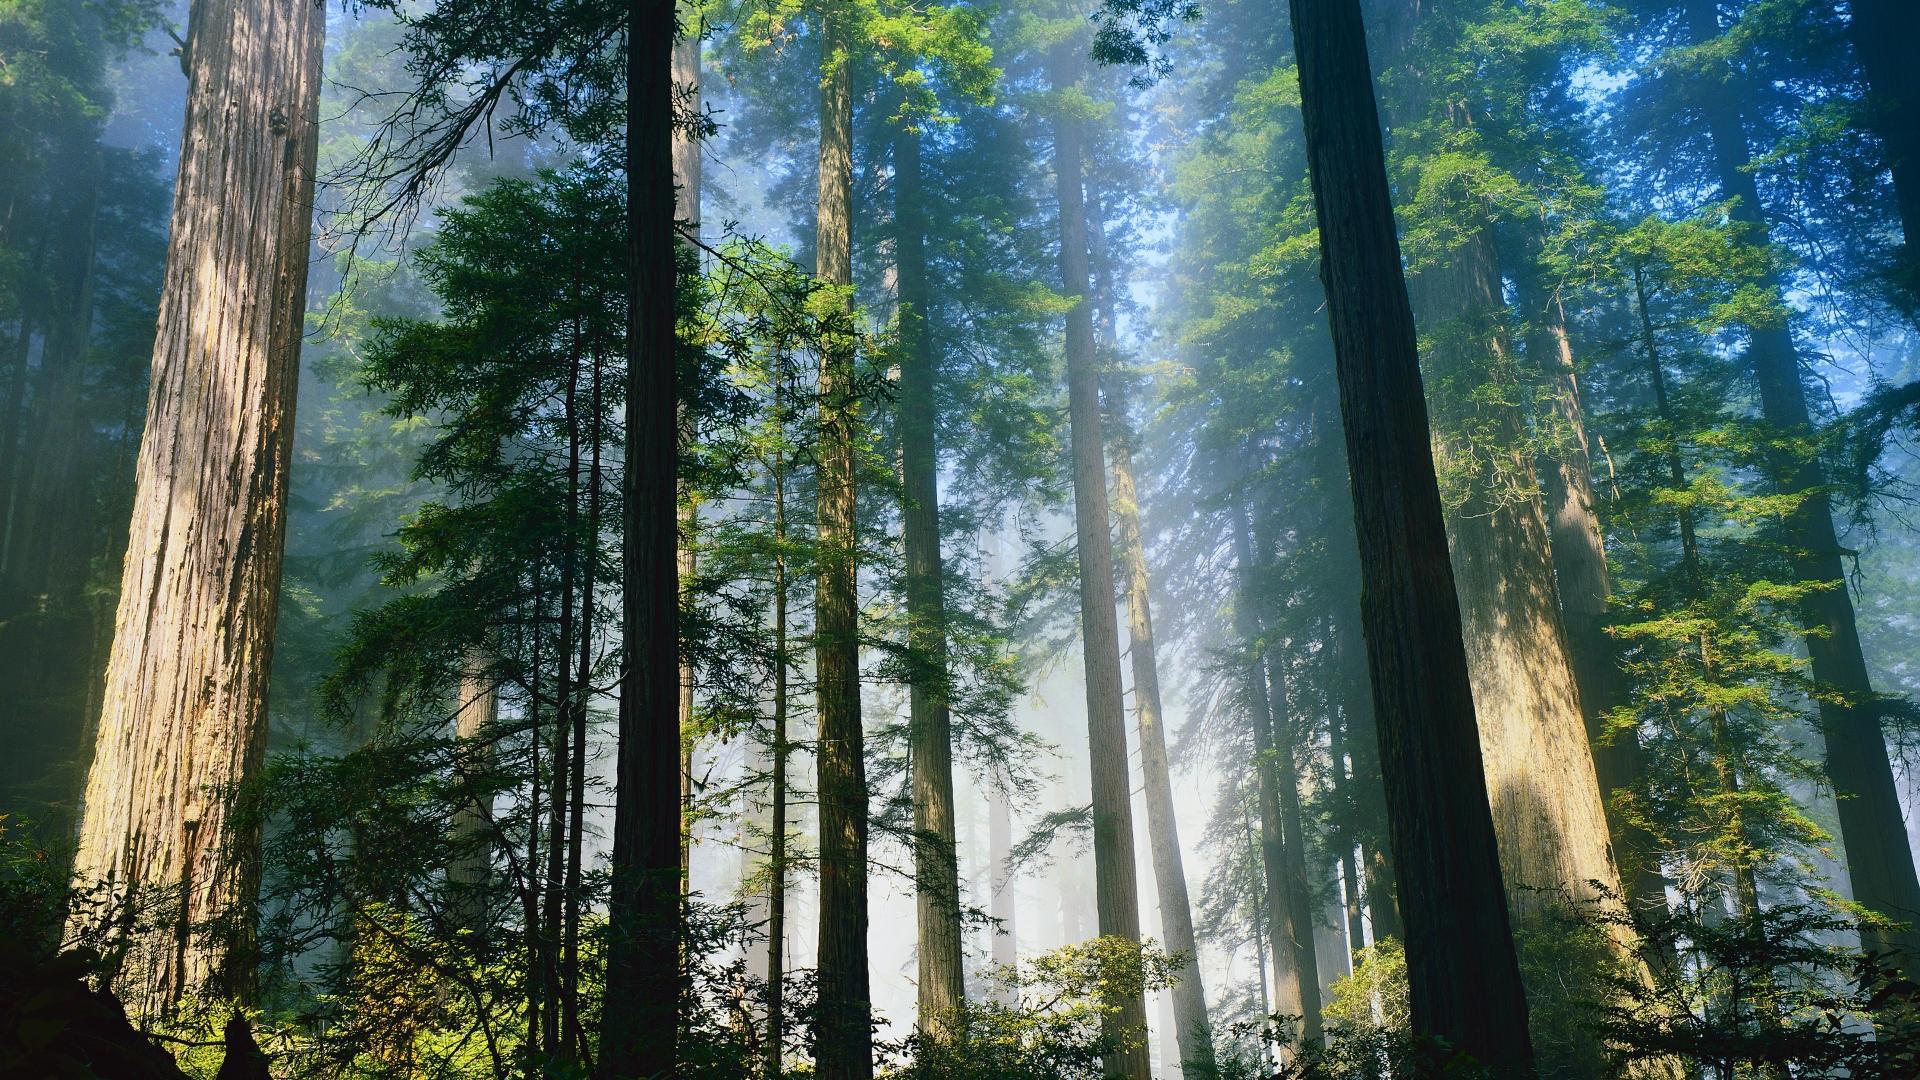 壁紙 新鮮な森林 1920x1080 Full Hd 2k 無料のデスクトップの背景 画像